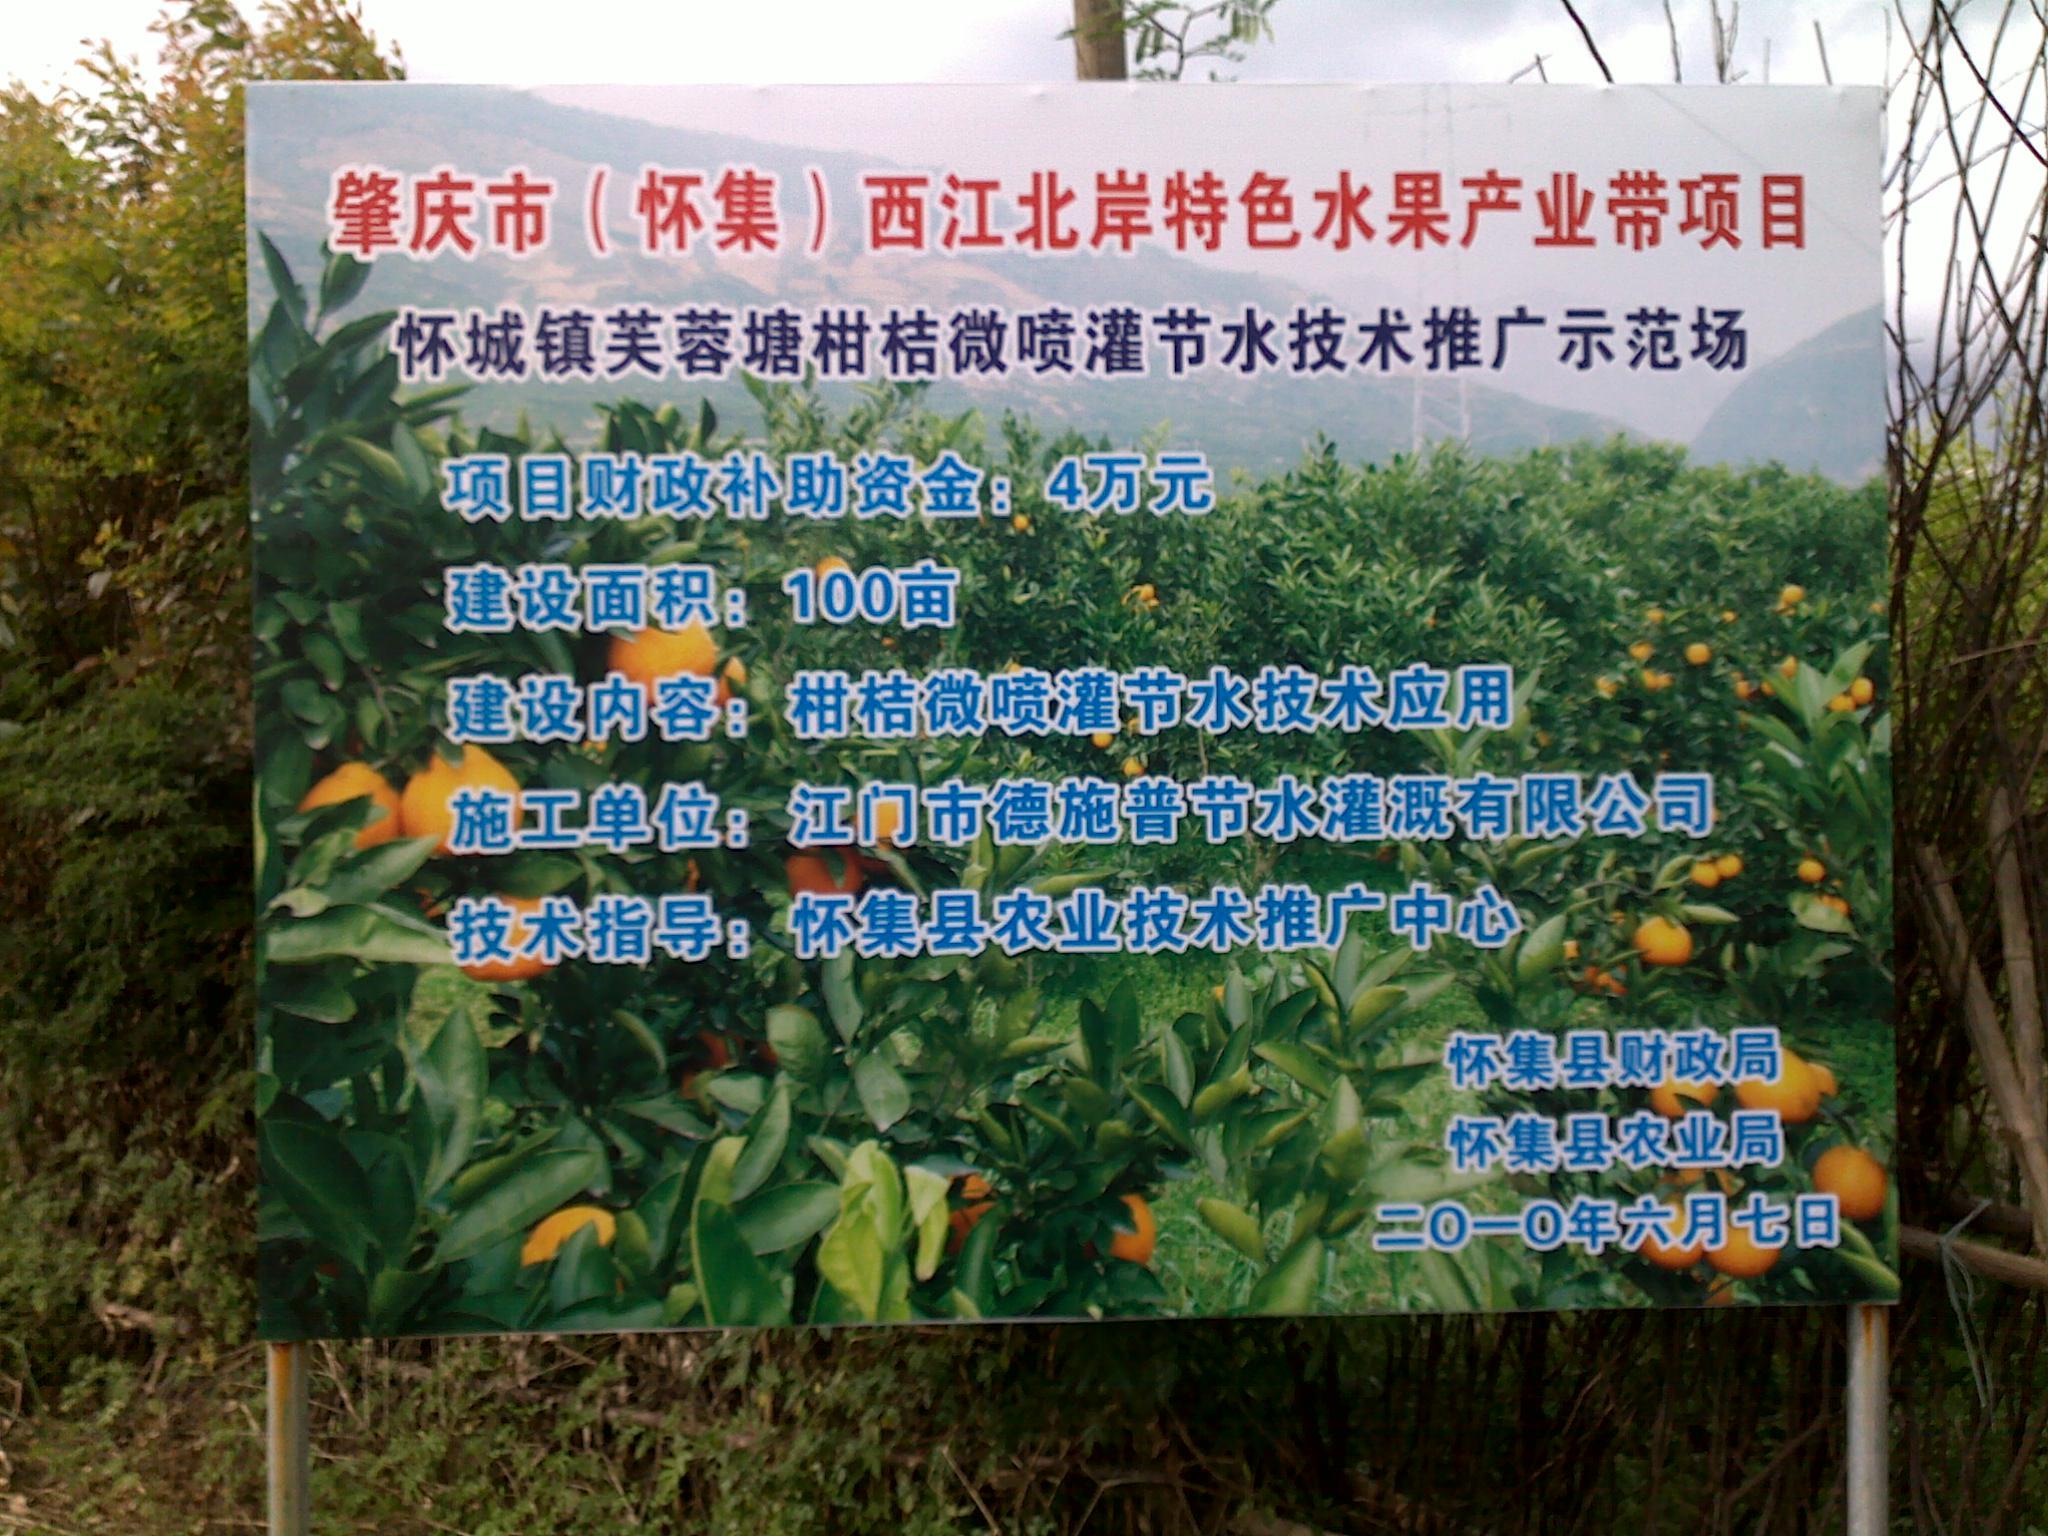 广东省肇庆(怀集)北岸特色水果基地